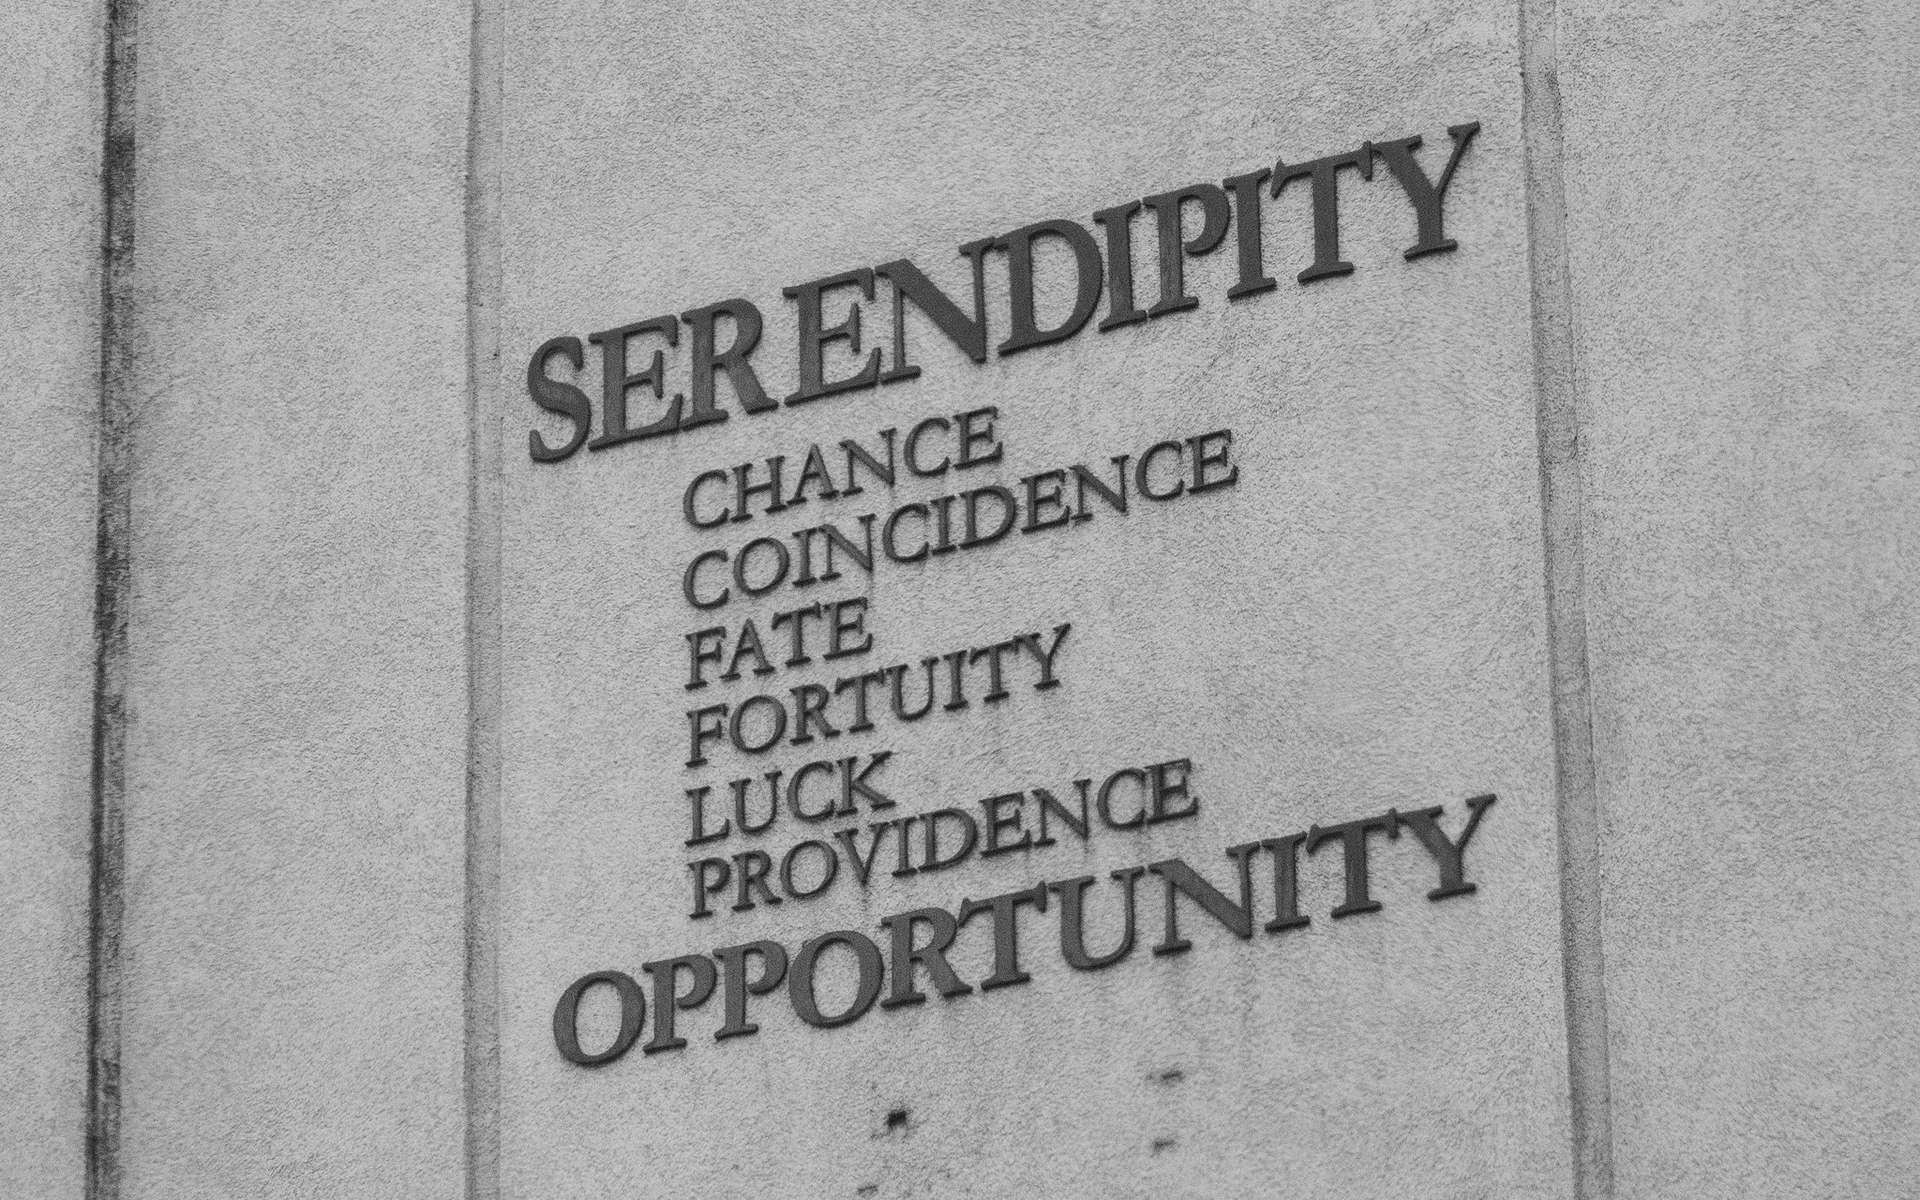 La sérendipité est l'art ou la capacité de faire une découverte, notamment scientifique, par hasard, mais aussi par sagacité. © Tyler Merbler, Flickr